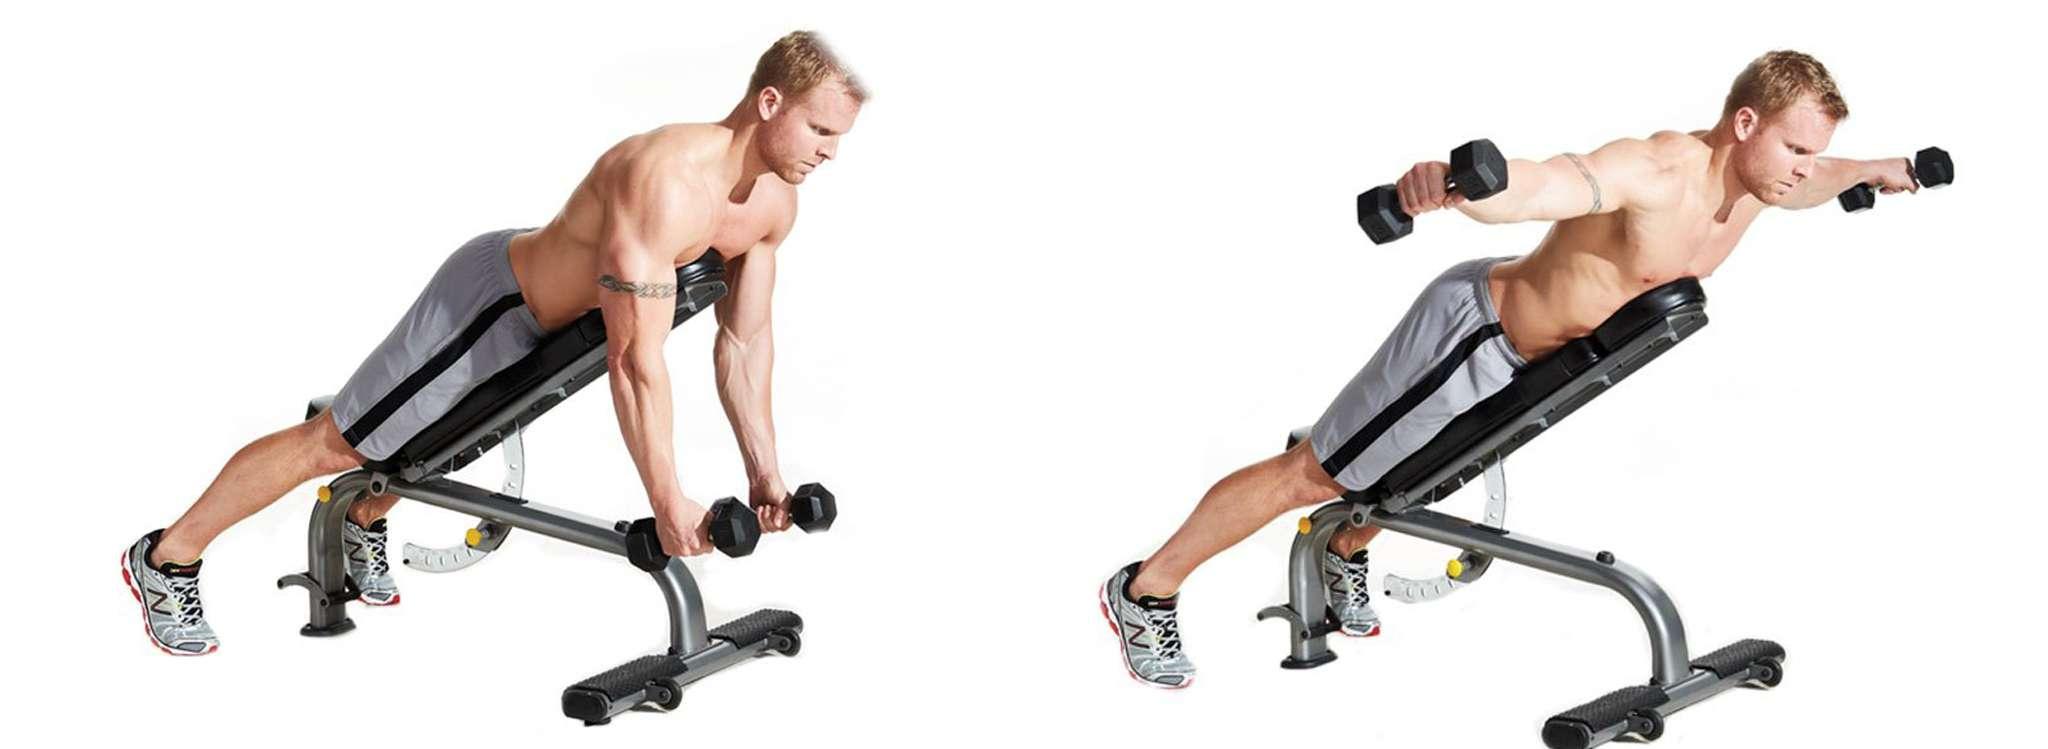 vTop 30 bài tập lưng xô cho nam giới hiệu quả nhất sẽ giúp bạn sở hữu tâm lưng rộng dày đẹp nhất.